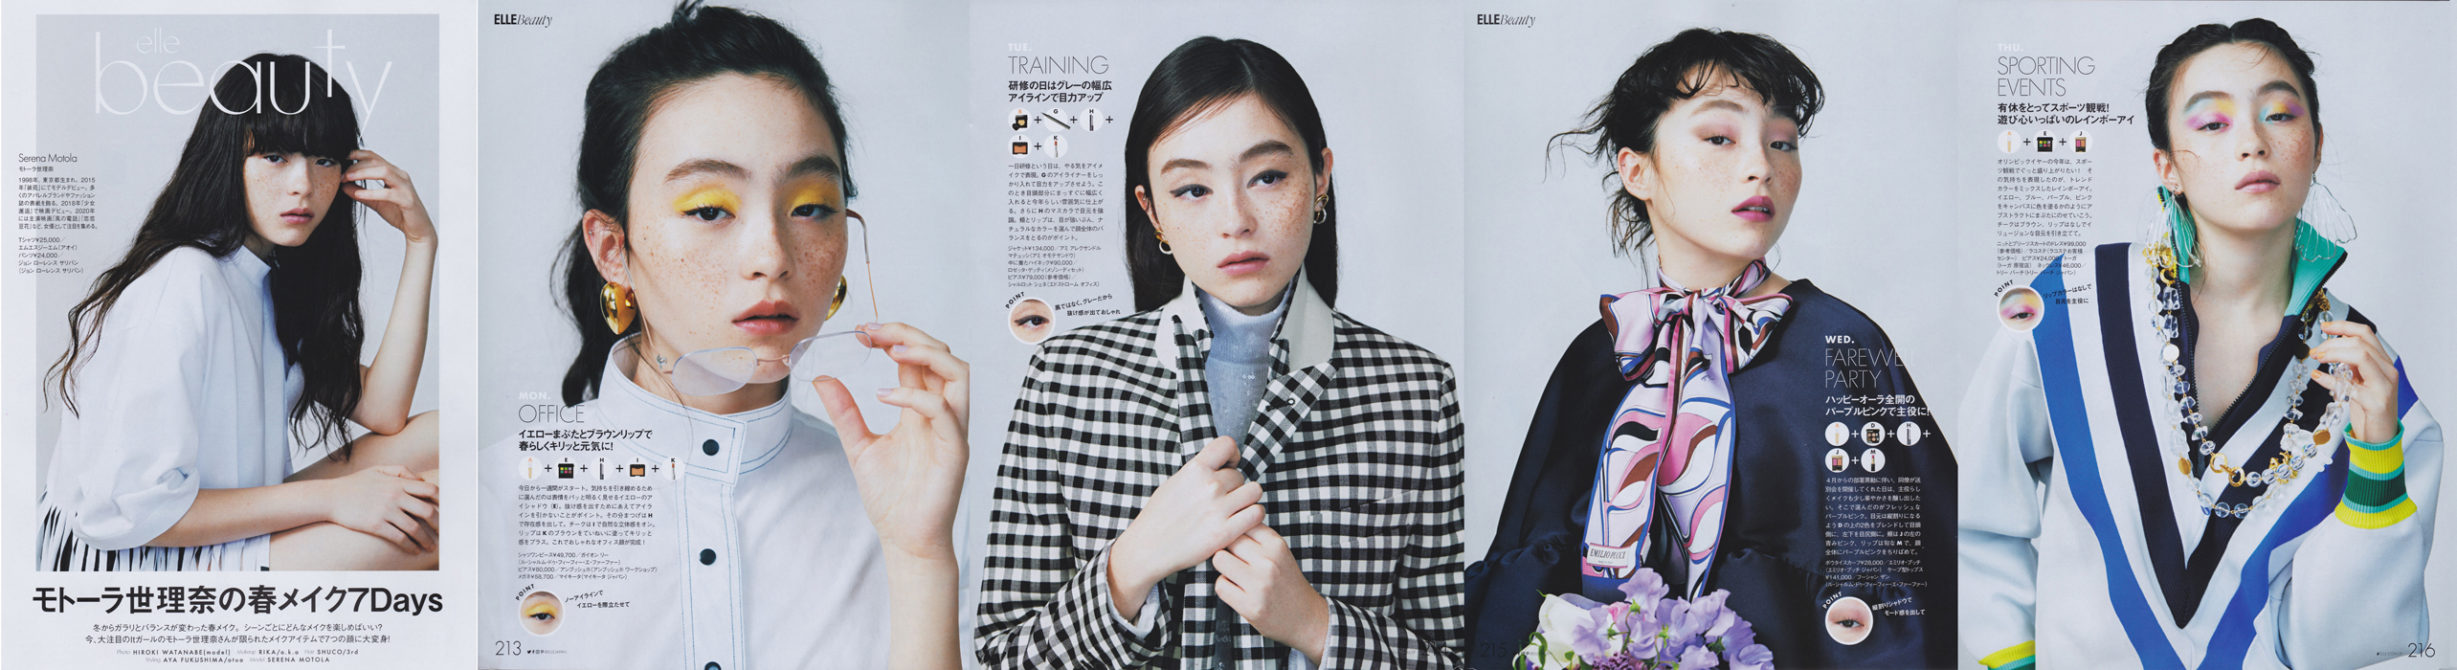 ELLE JAPON 2020 4月号